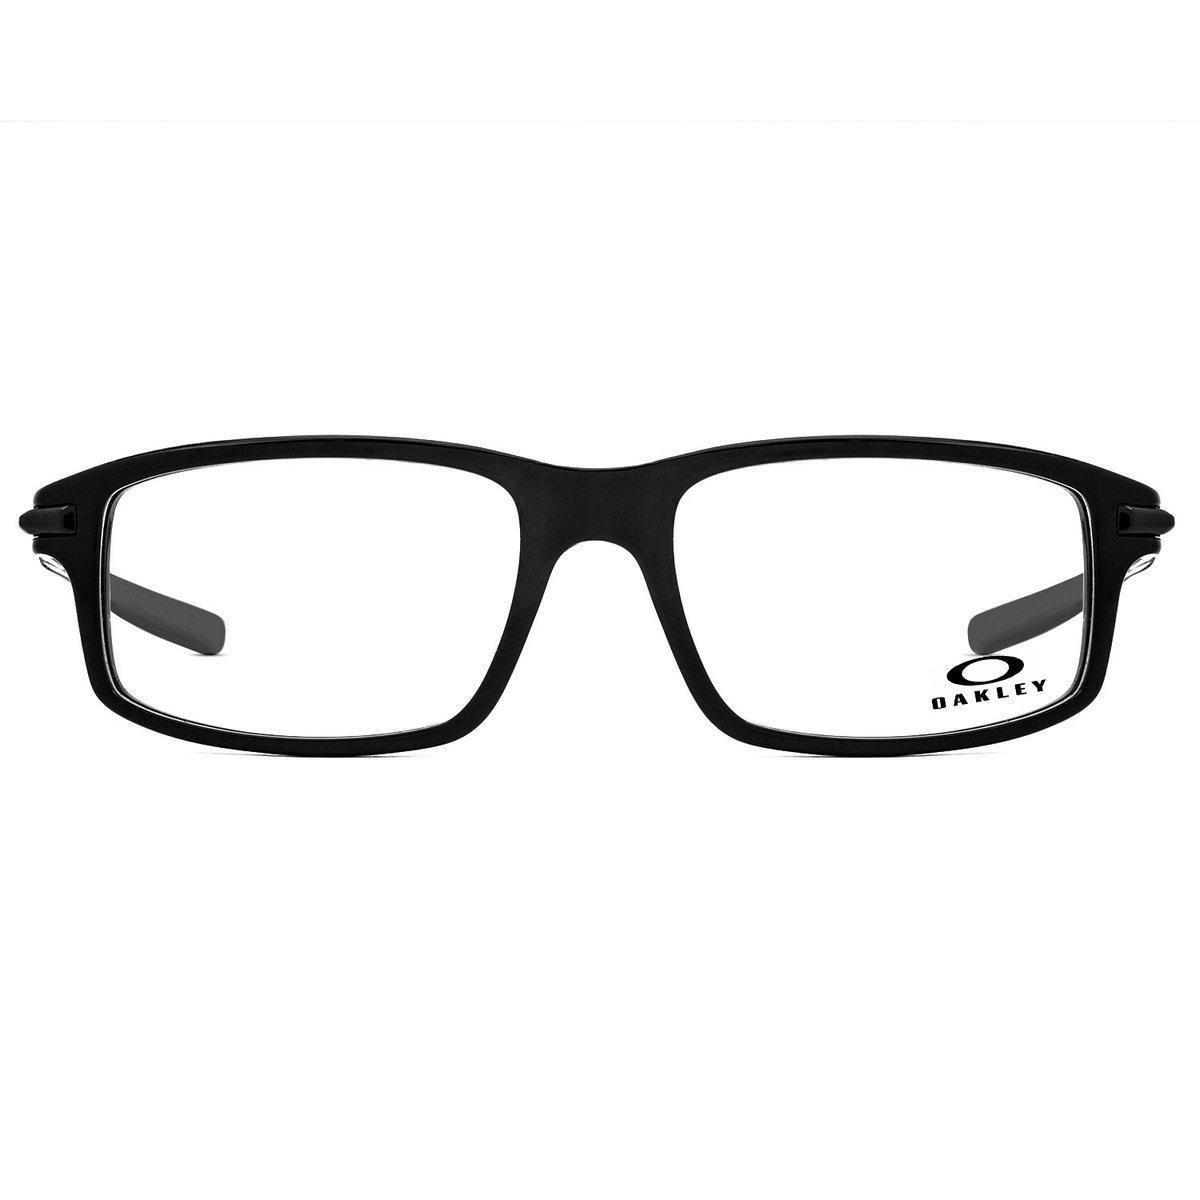 Armação Óculos de Grau Oakley OX1100 01-53 - Compre Agora   Zattini 8c09e990c9